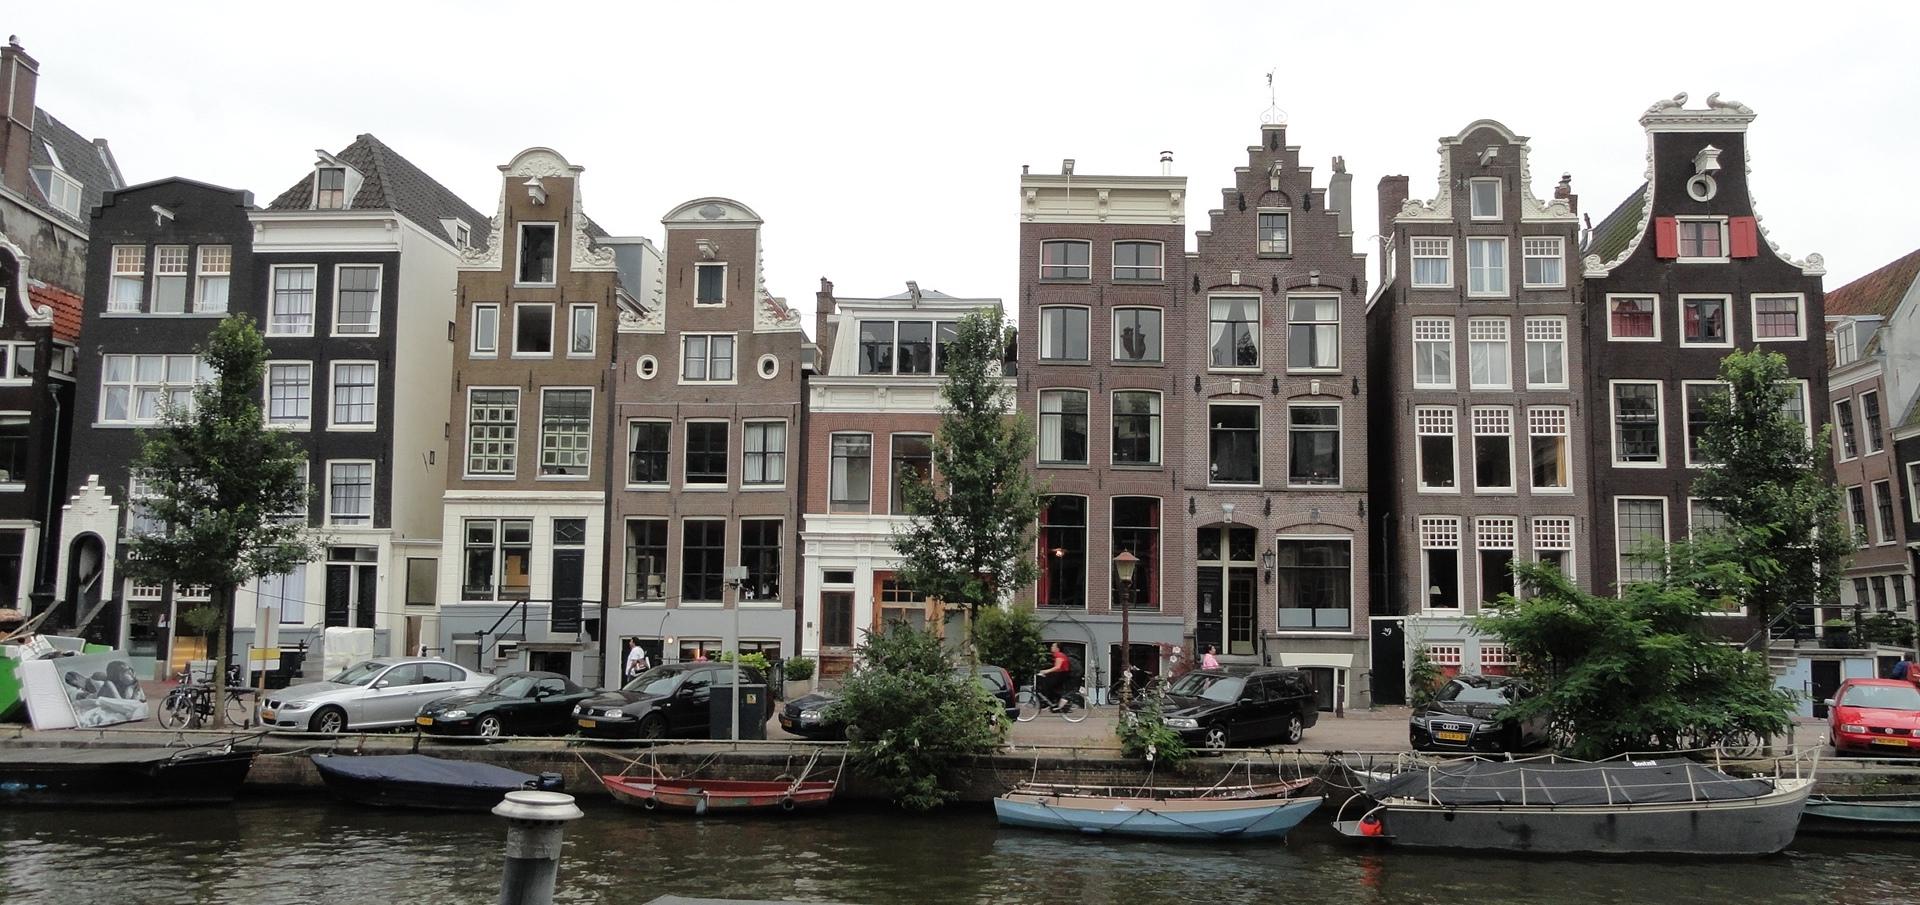 Amsterdam - Maisons et Canaux